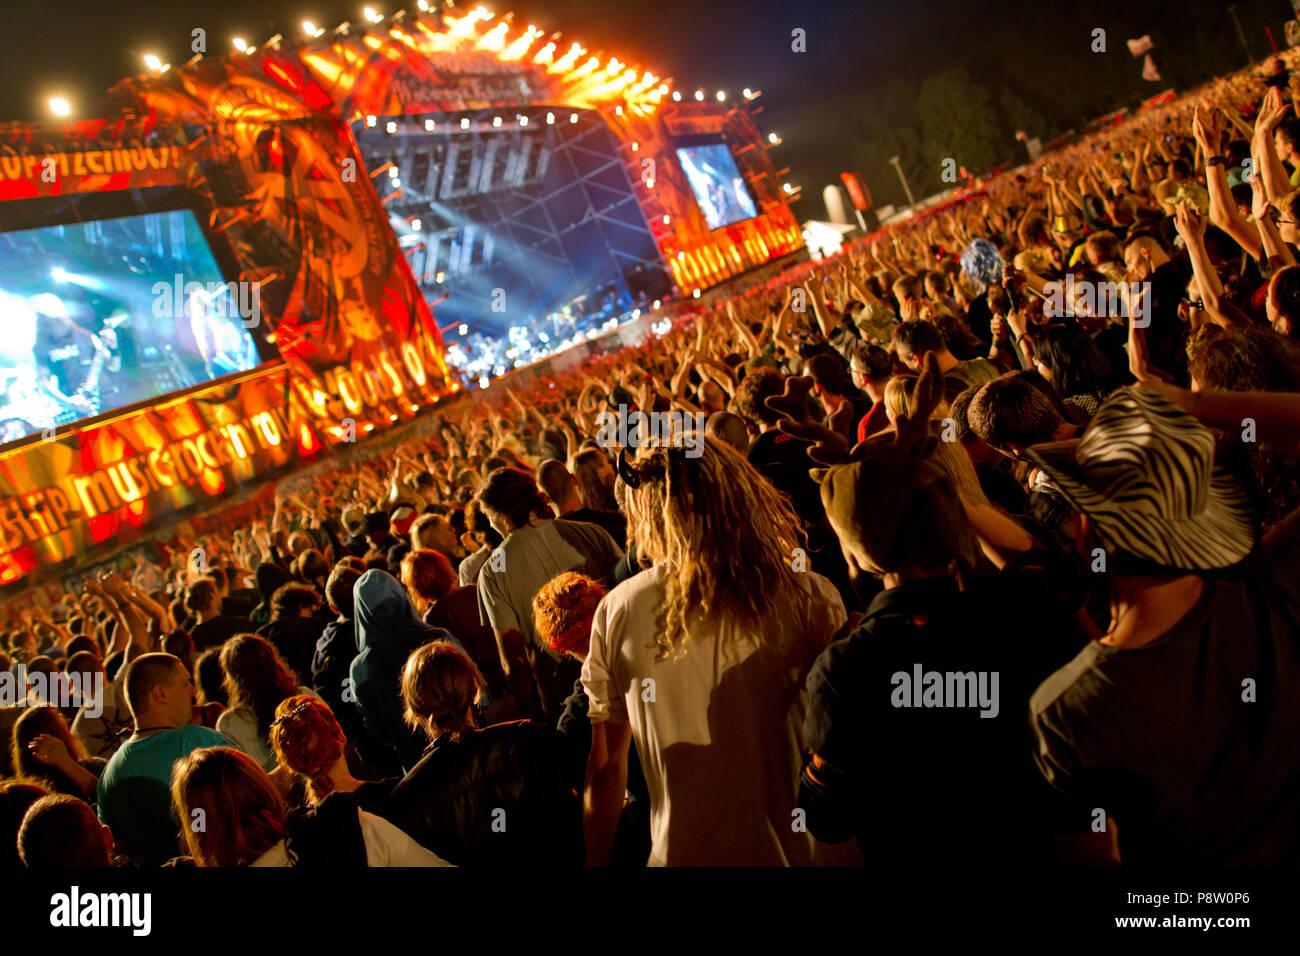 """Polonia, Kostrzyn. 3 ago, 2012. Visitantes del Festival en 'Haltestelle Woodstock' en el escenario principal. El culto en el festival de la frontera polaca alemana será llamado """"Pol'y'Rock Festival' en el futuro. Crédito: Sven Hoppe/dpa/Alamy Live News Imagen De Stock"""